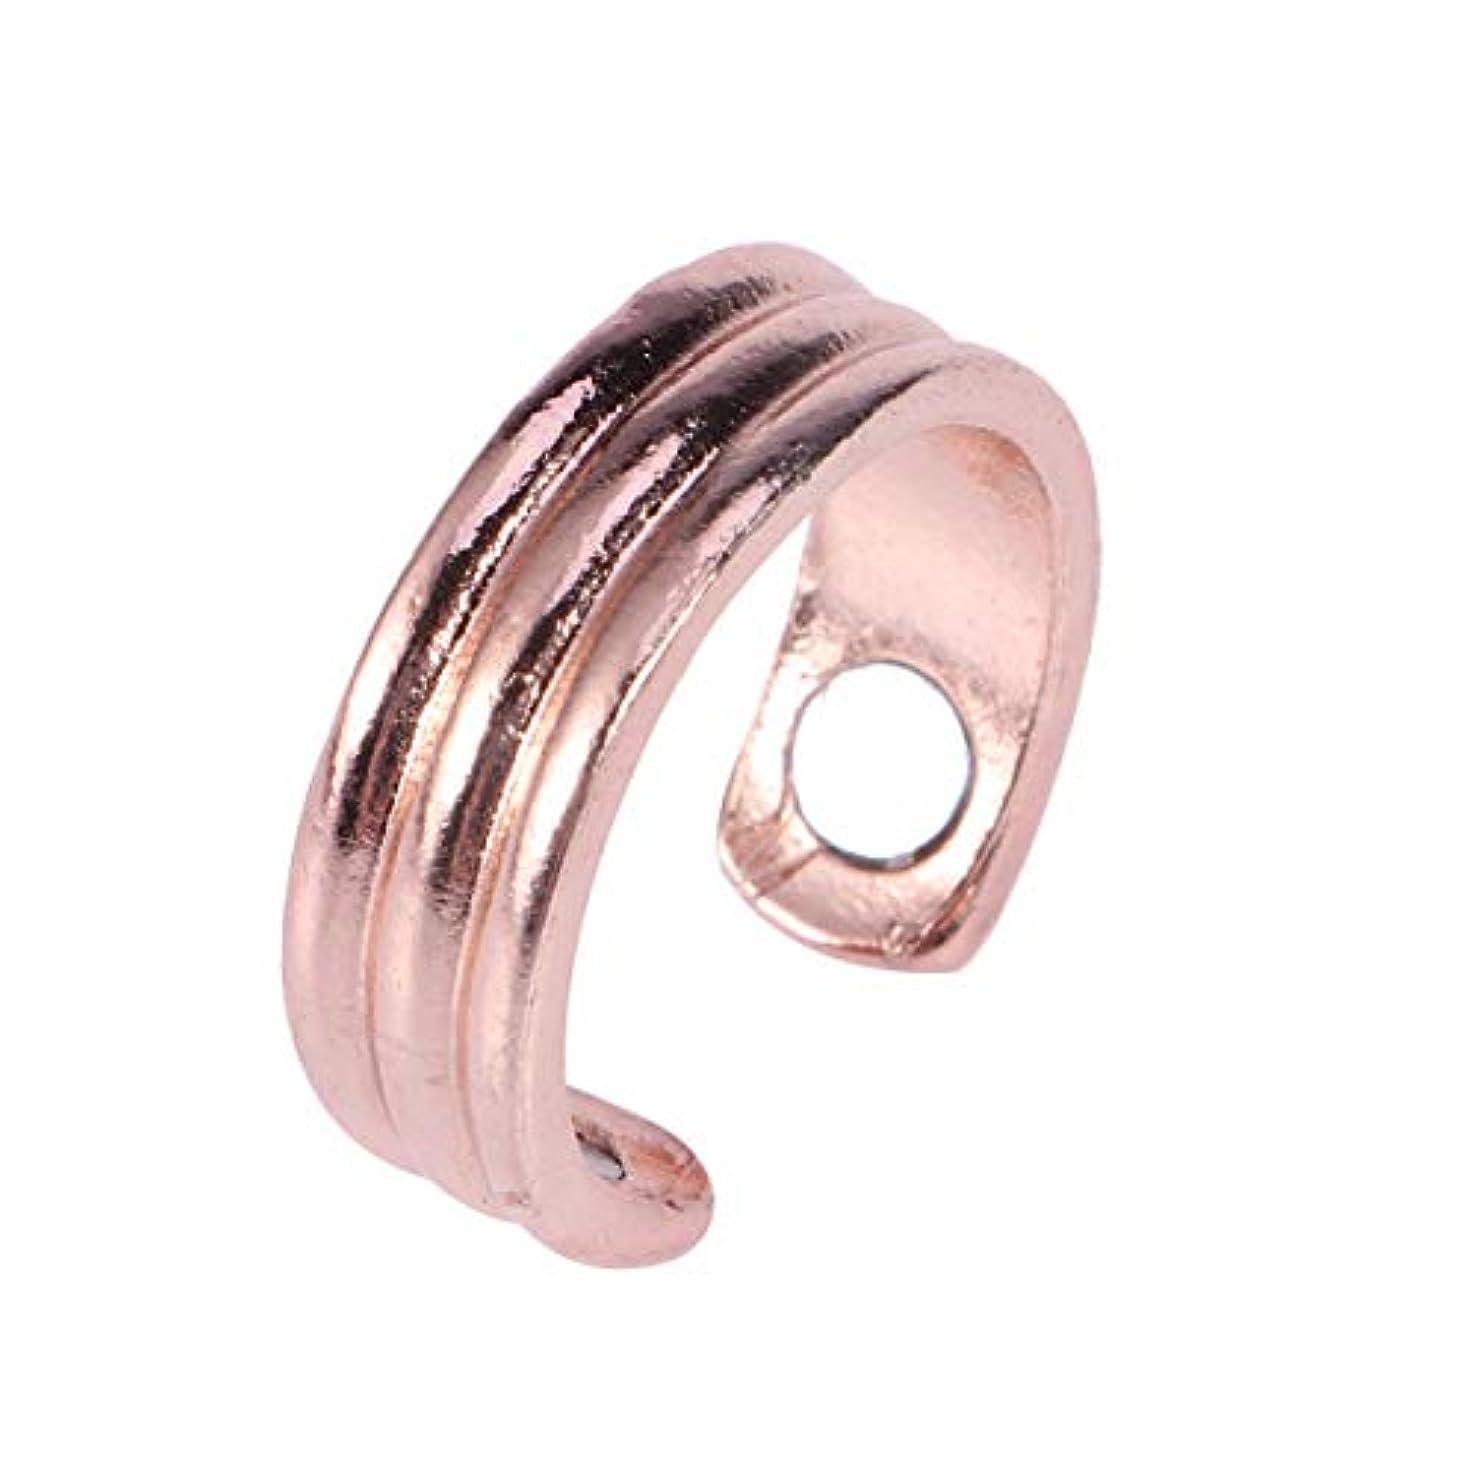 代替離す集めるSUPVOX 磁気リング療法指圧抗いびきリング息切れ治療指圧治療ヘルスケア関節炎